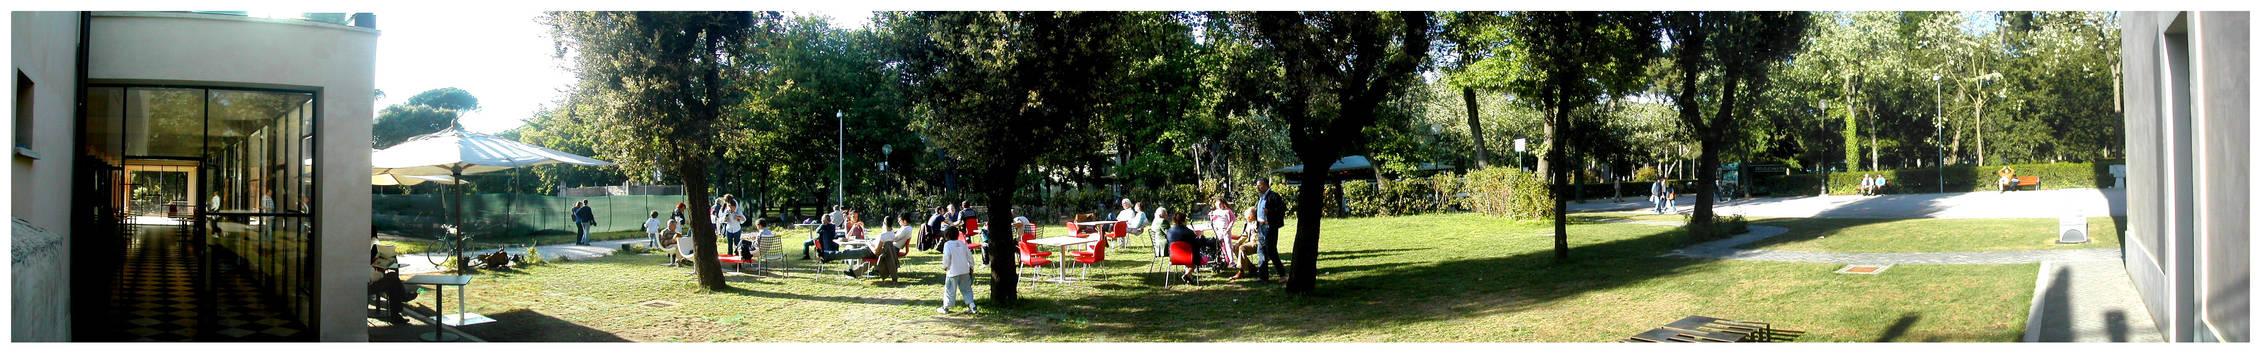 palombini at villa borghese